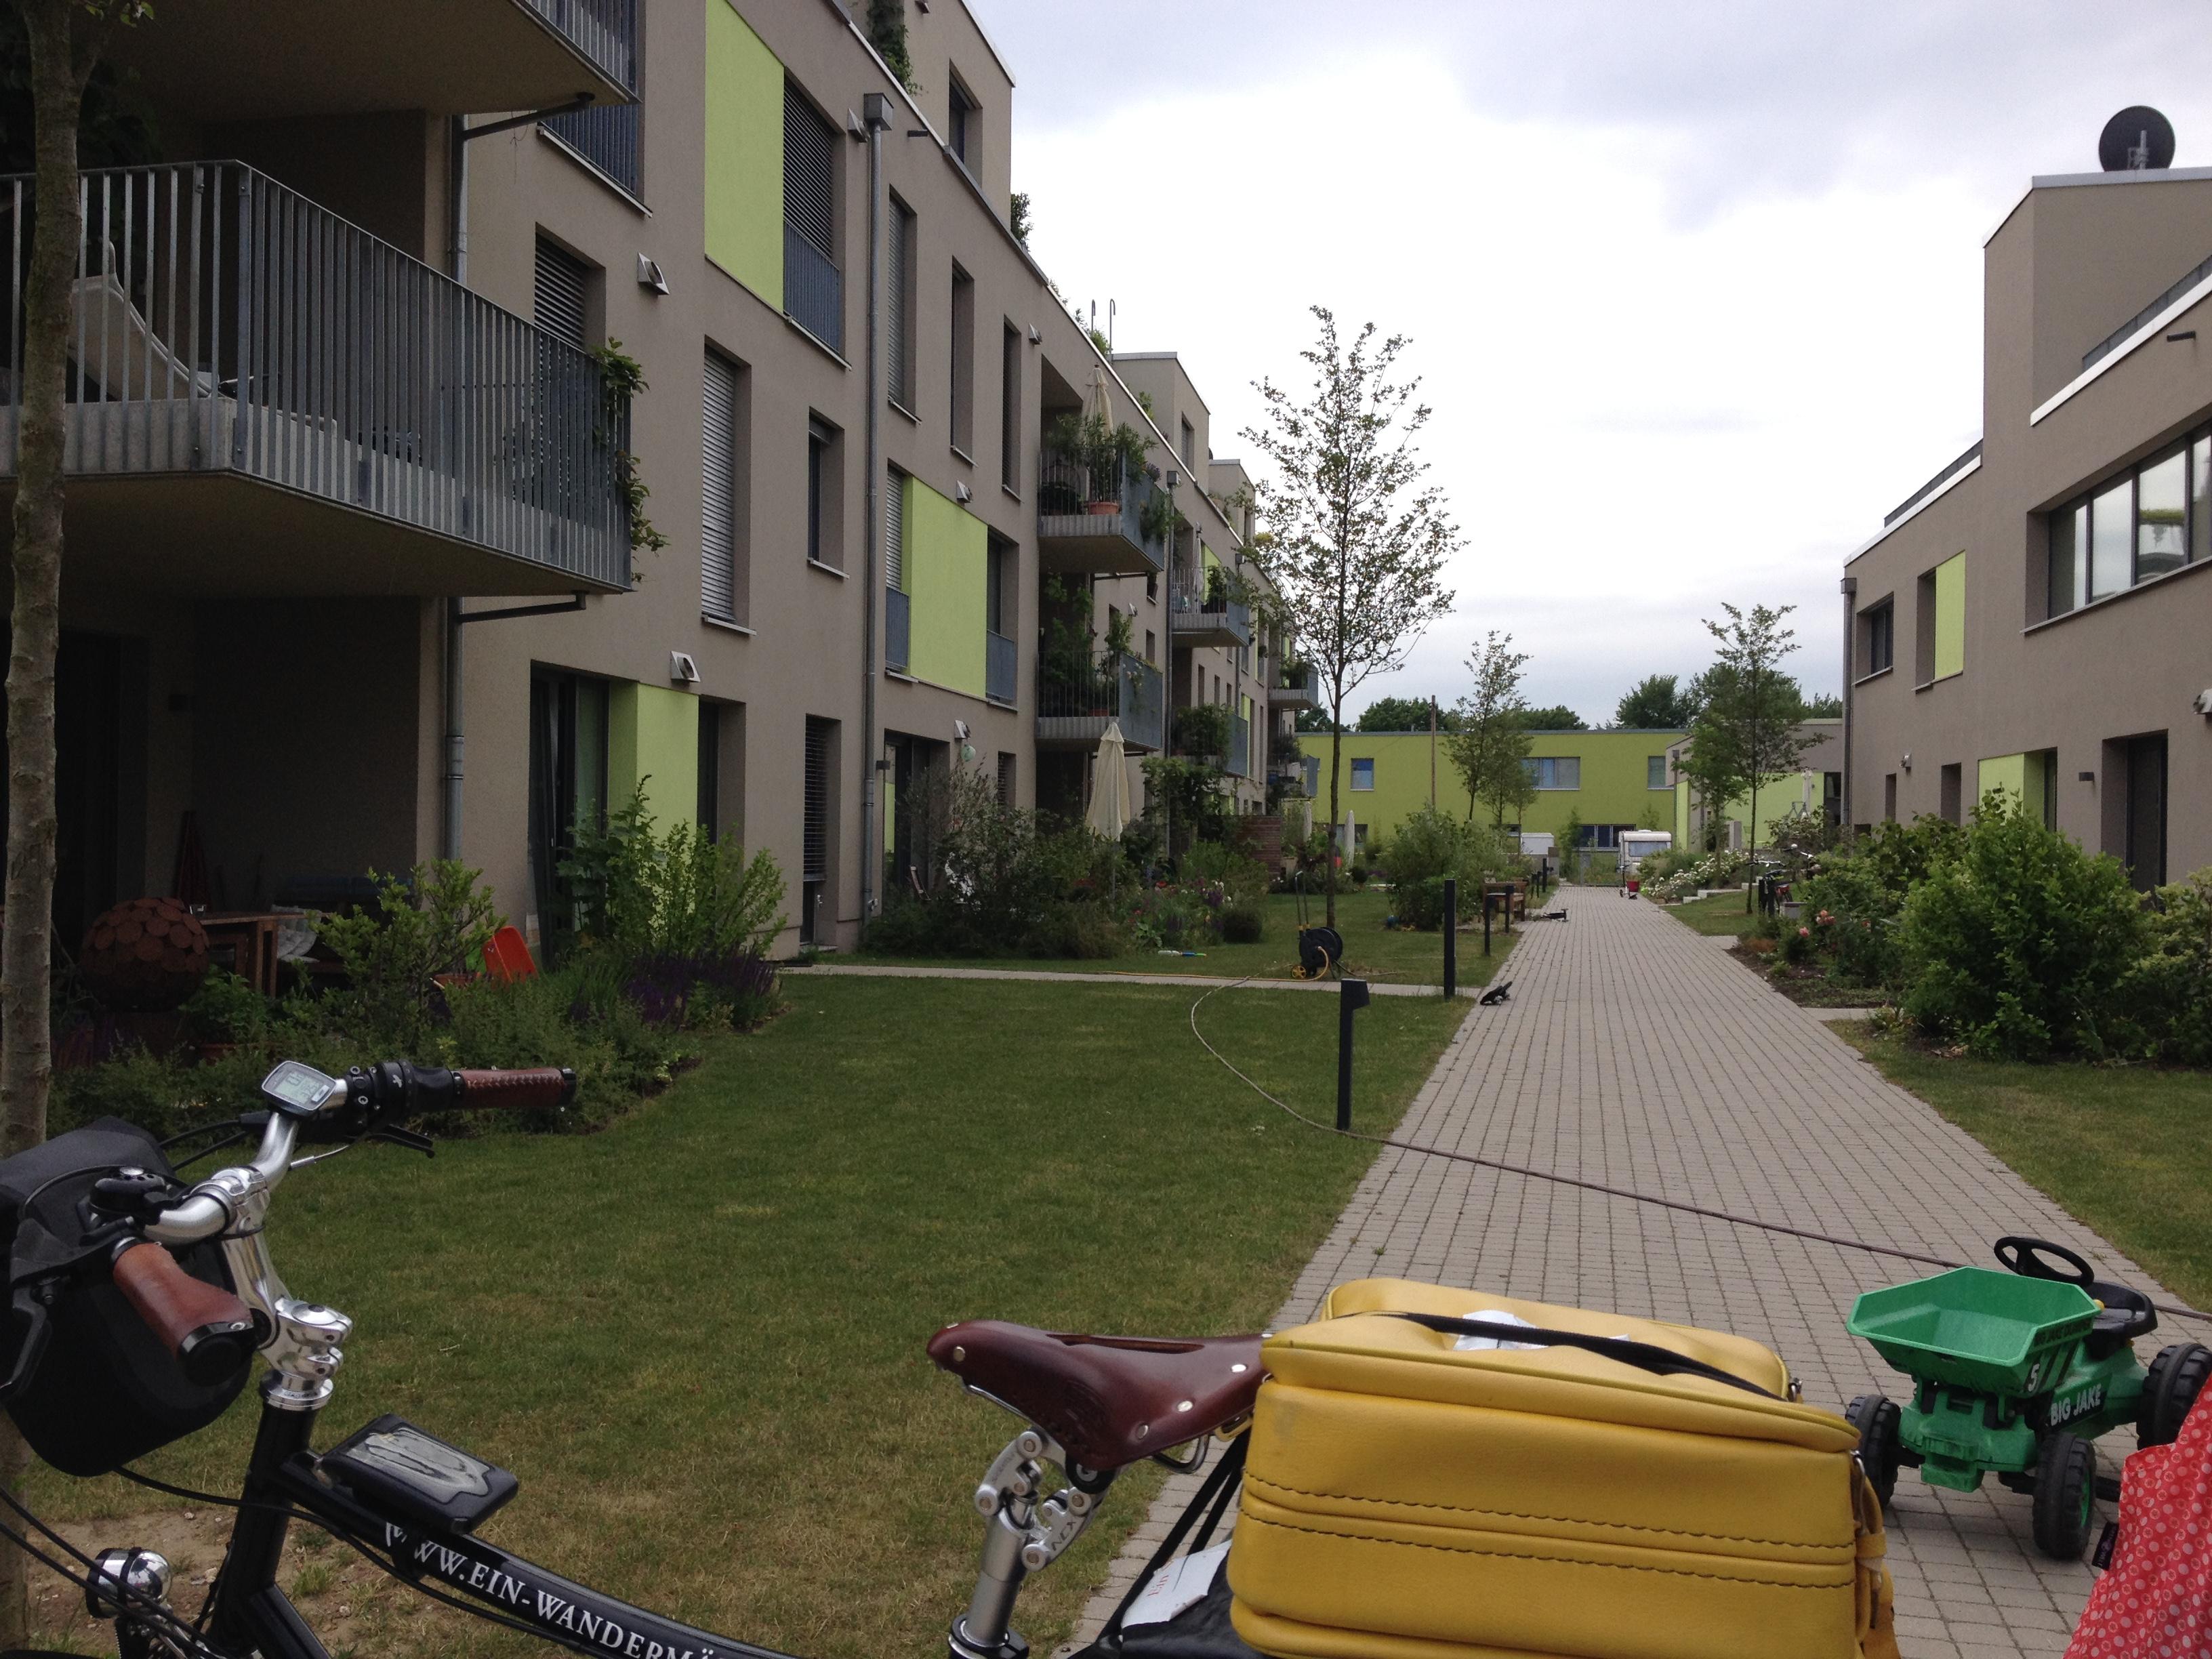 zu Gast im Familien-Wohnprojekt Qbus